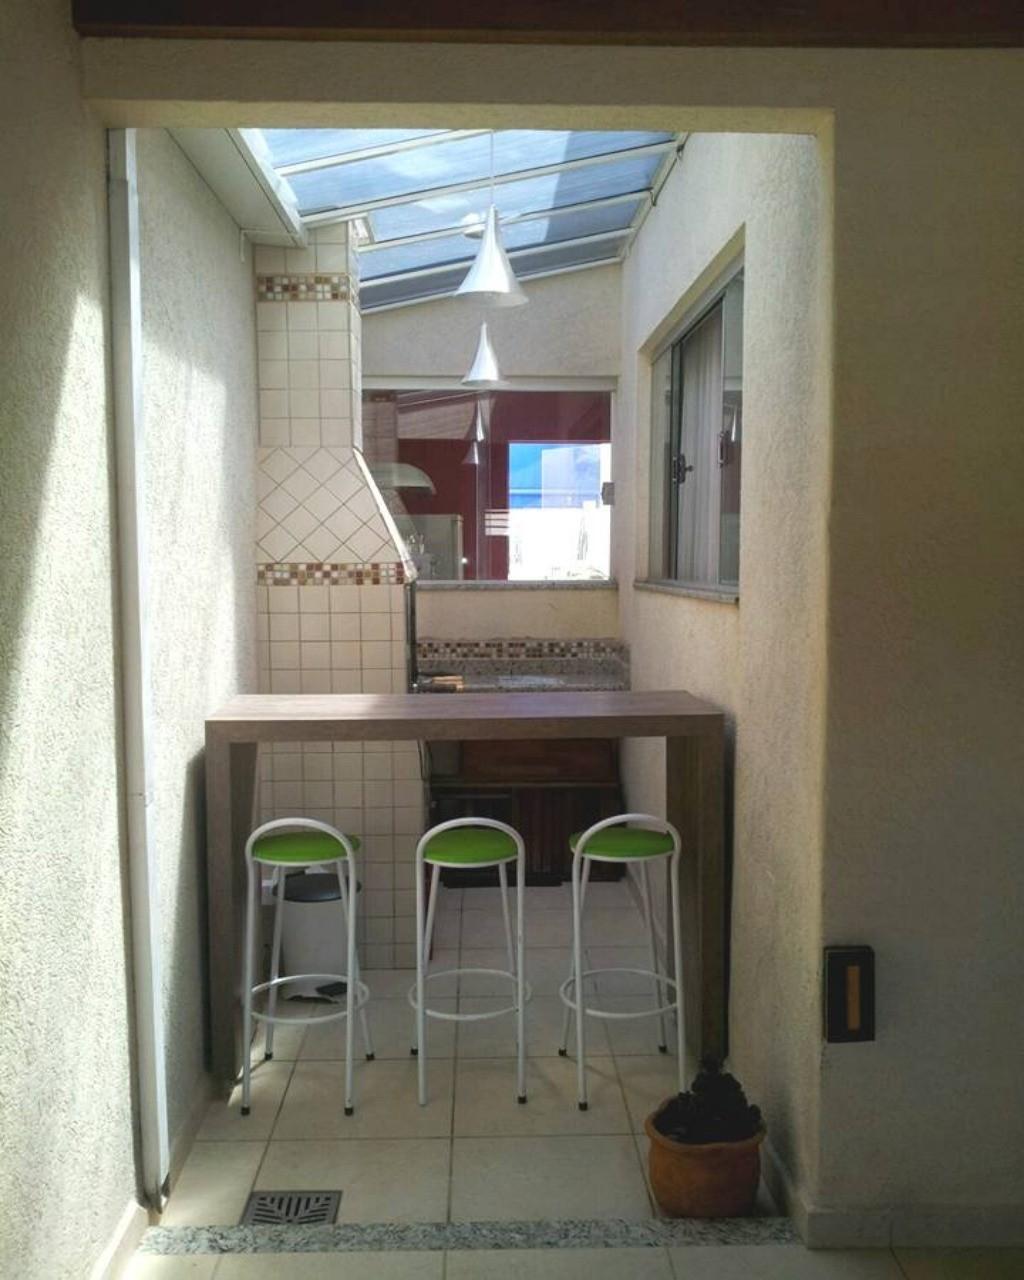 comprar ou alugar casa no bairro primo meneguetti na cidade de franca-sp